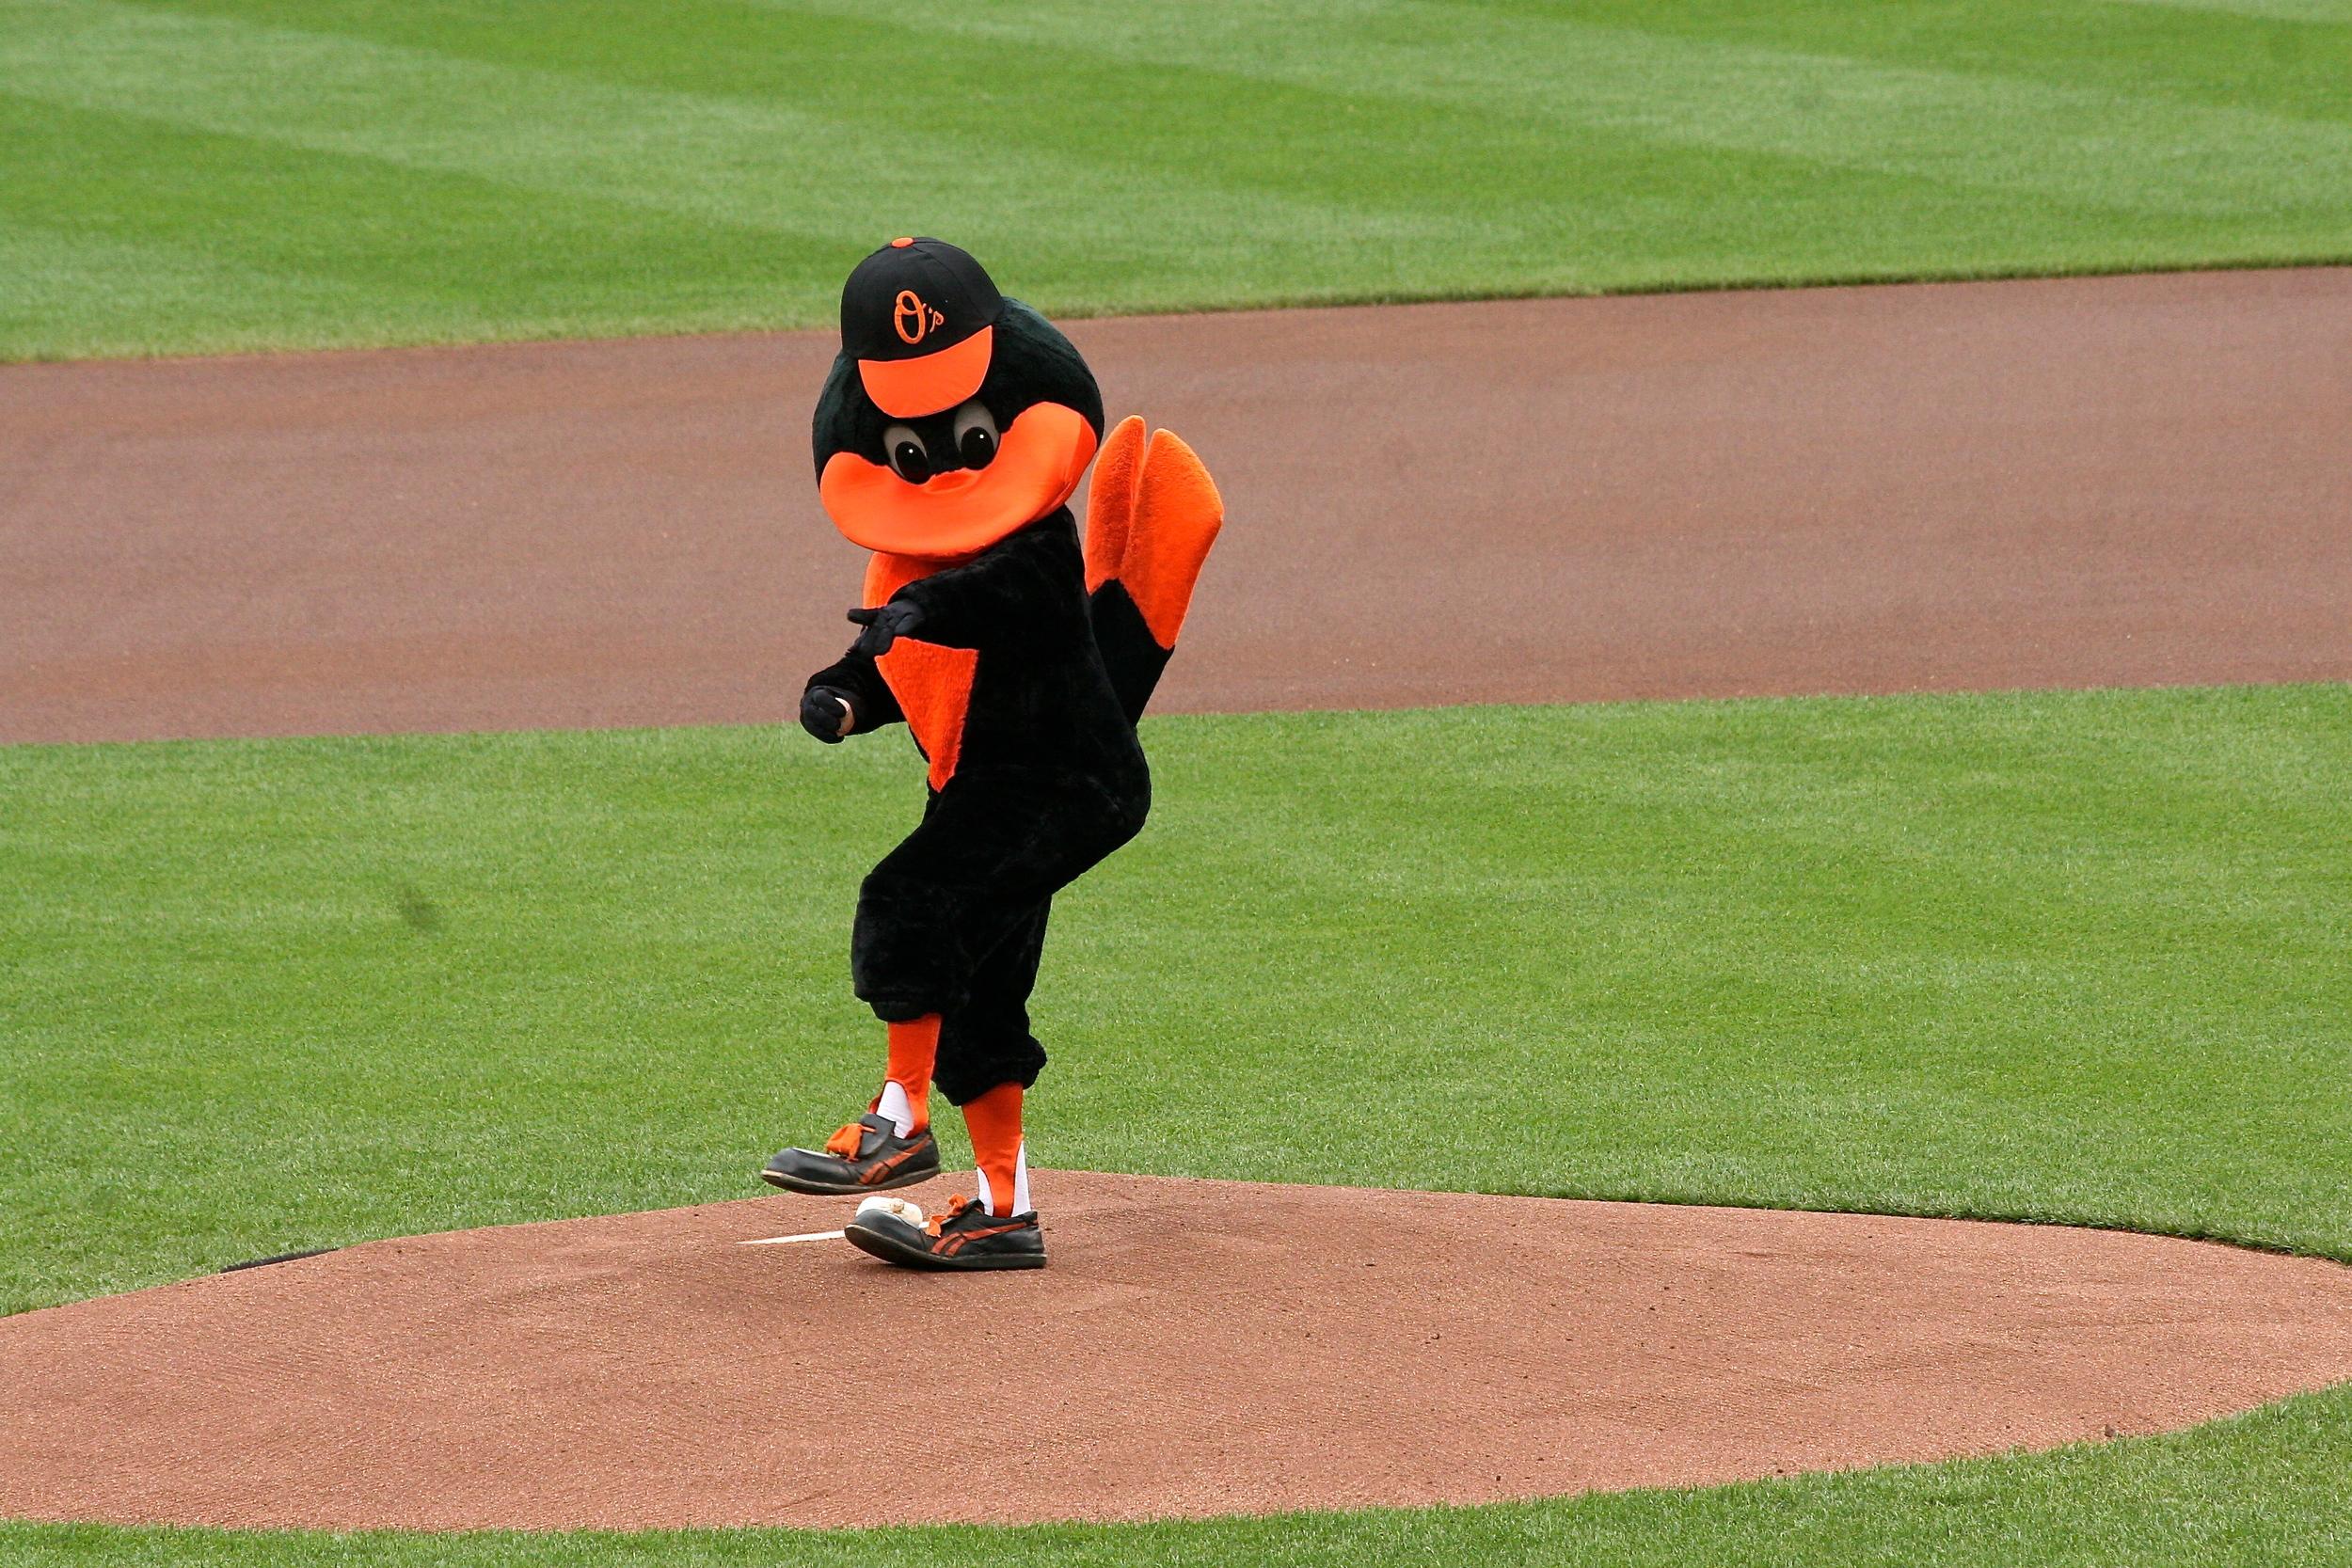 The Oriole Bird windup